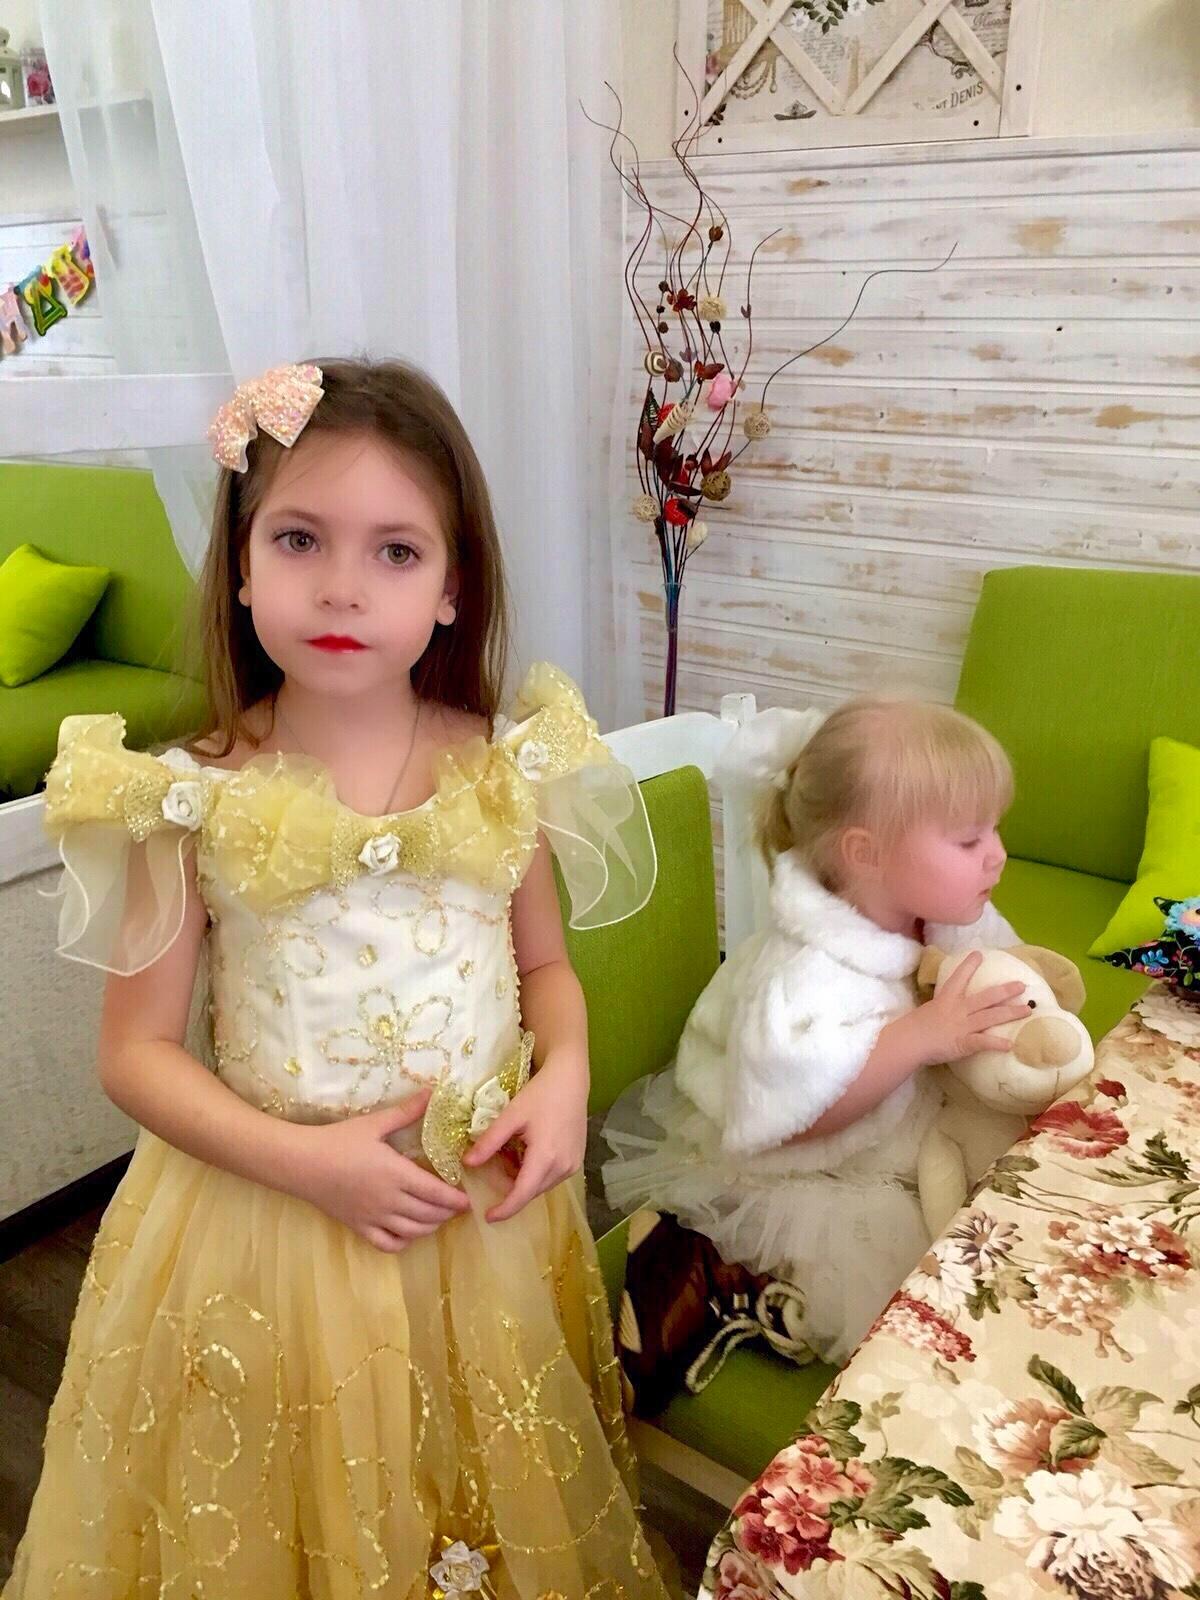 Принцессы Диана и Варвара собираются на бал!). Принцесса собирается на бал